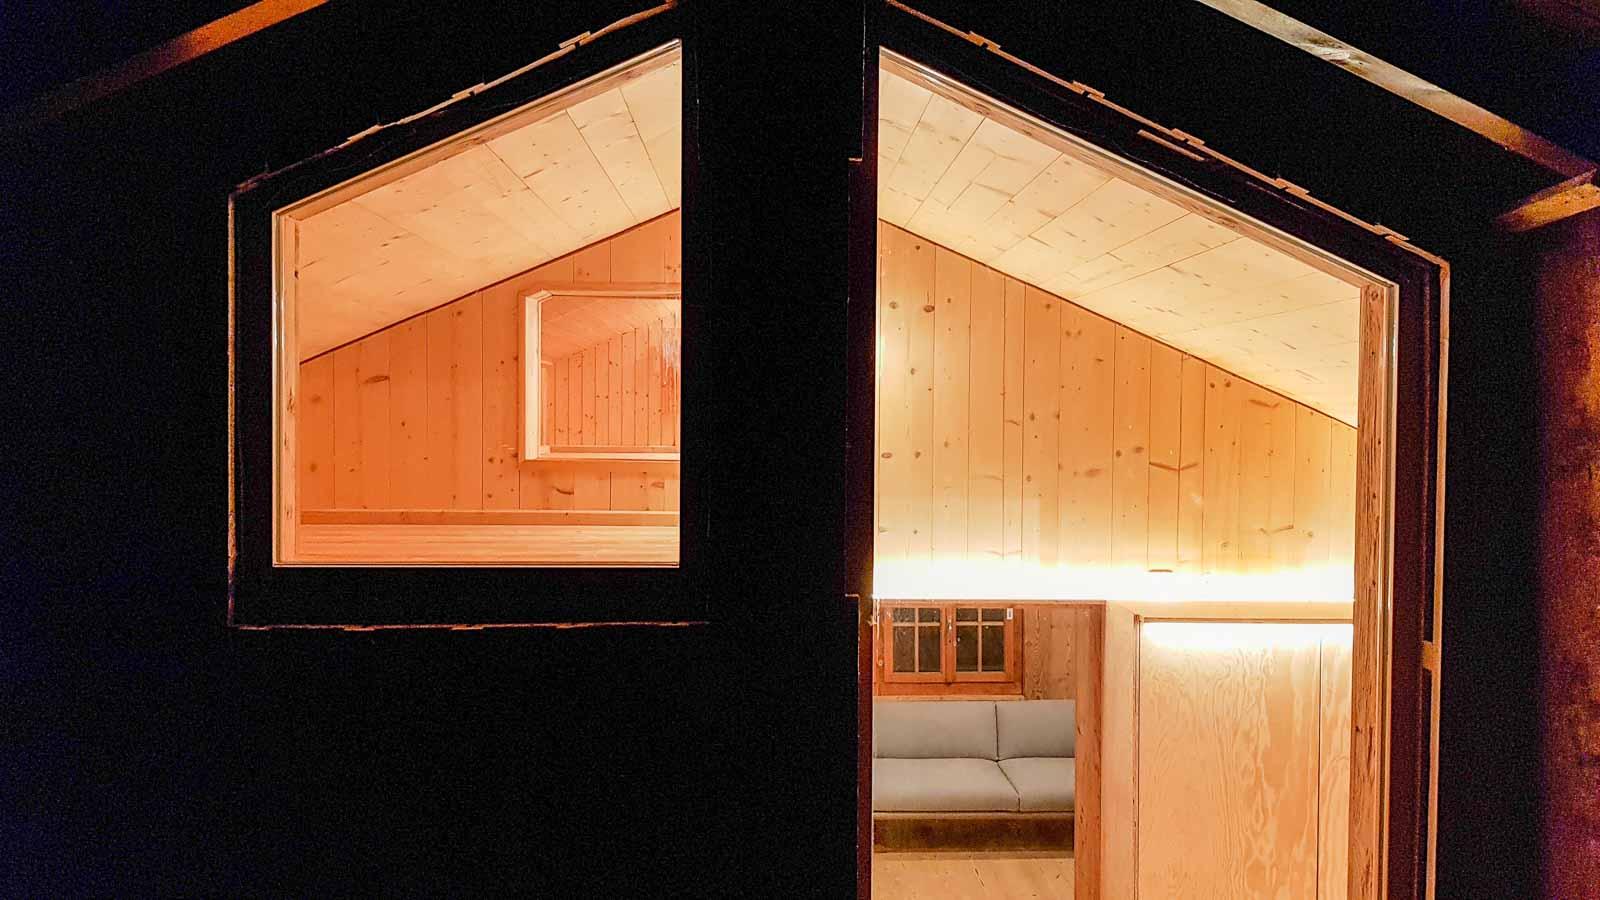 Wooddesign_Holzdesign_Innenausbau Ferienhaus_Altholz_Ferienwohnung_Ferienchalet_Schwarzsee_ Umbau (12)